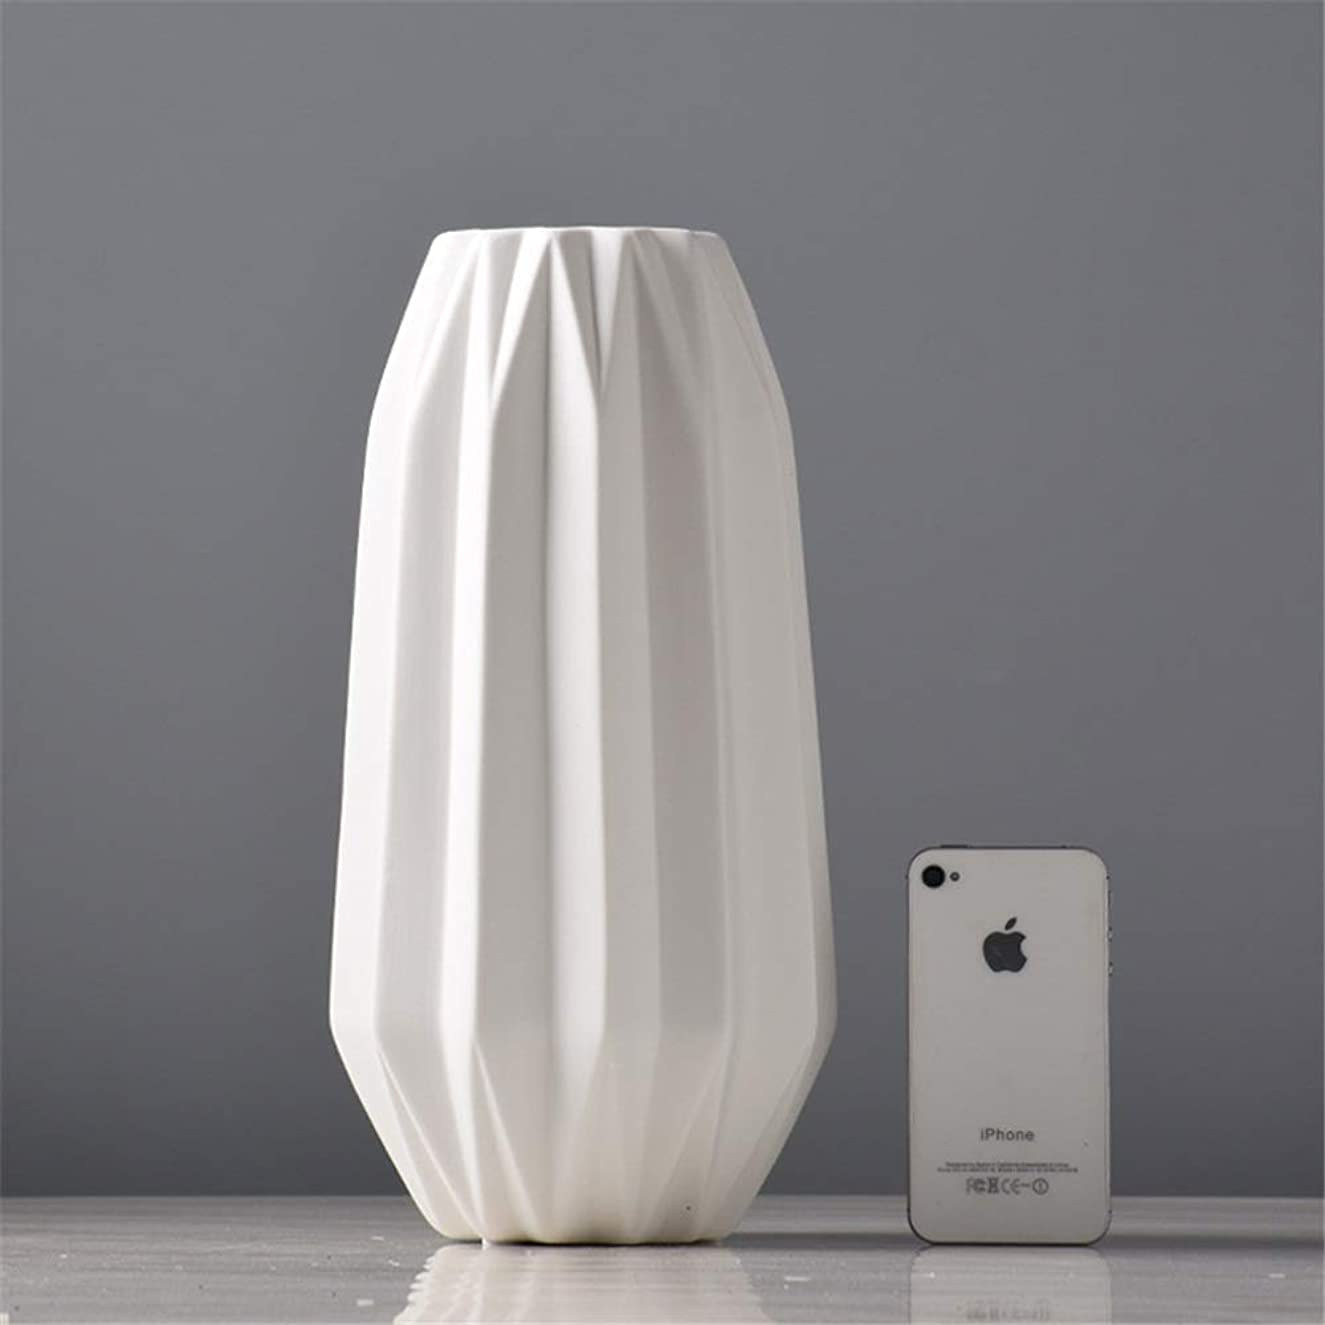 効率ステーキ重要なクリエイティブ現代のアングル石器ホームデコレーションフラワーベースホワイト 暖かい装飾 (色 : C, サイズ : Free)